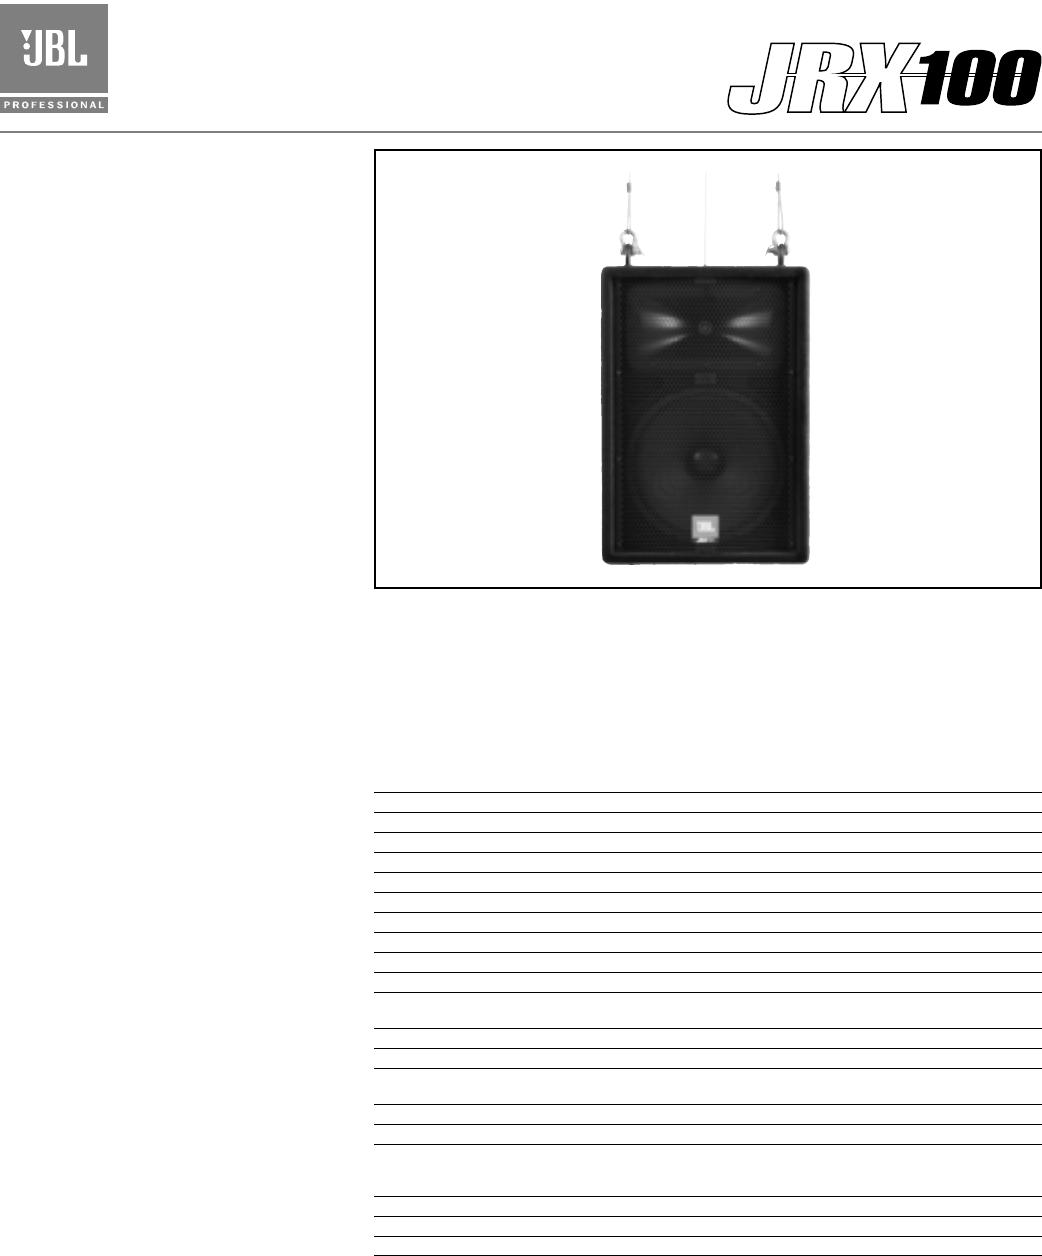 JBL JRX112MI Specsheet on